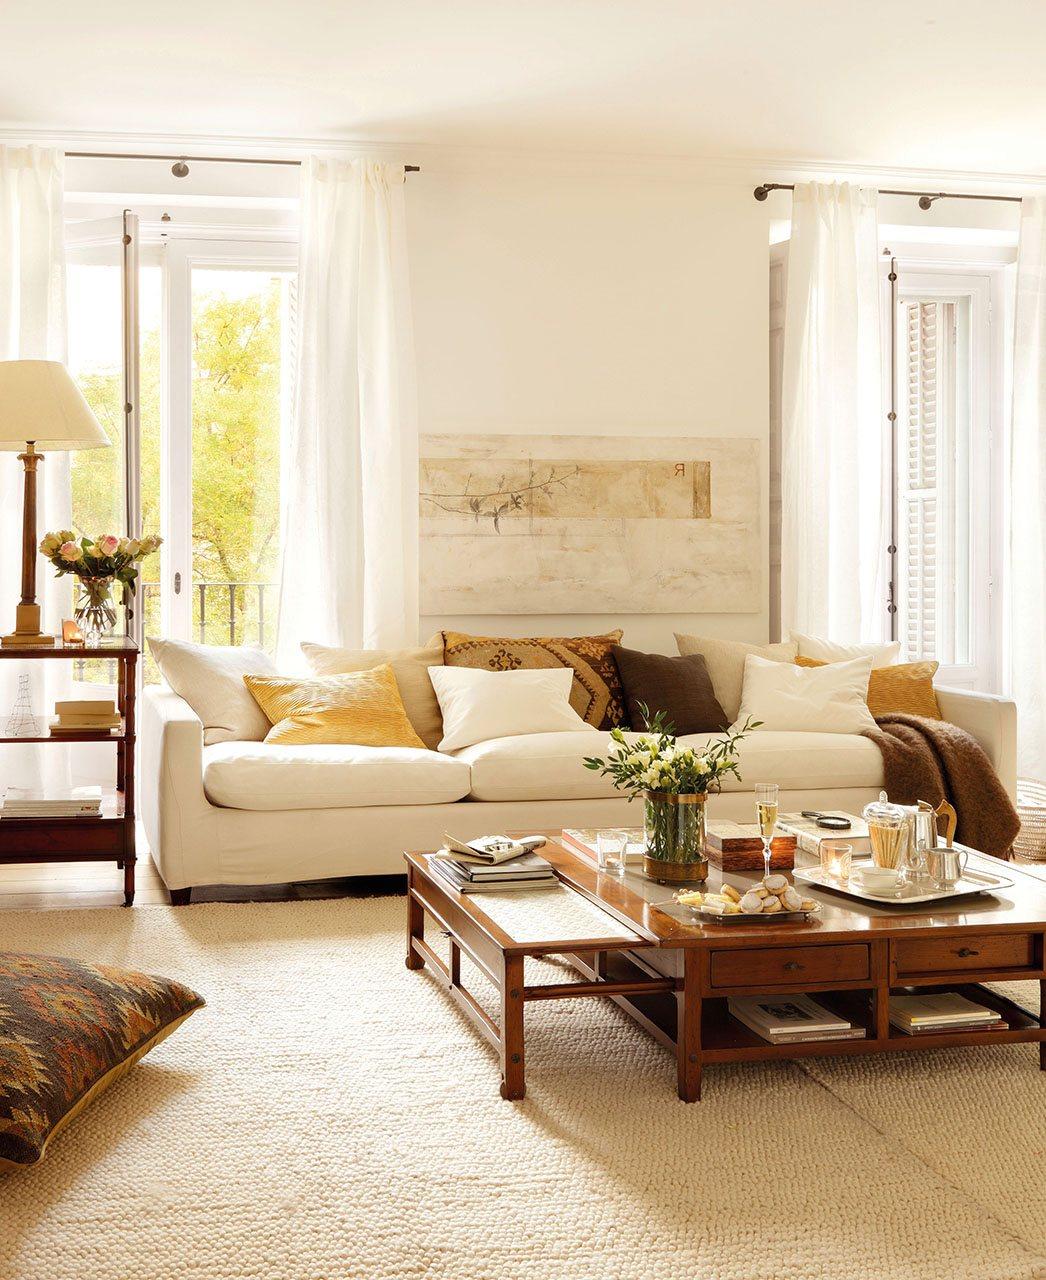 Salon con gran sofa y pocos muebles 1046x1280